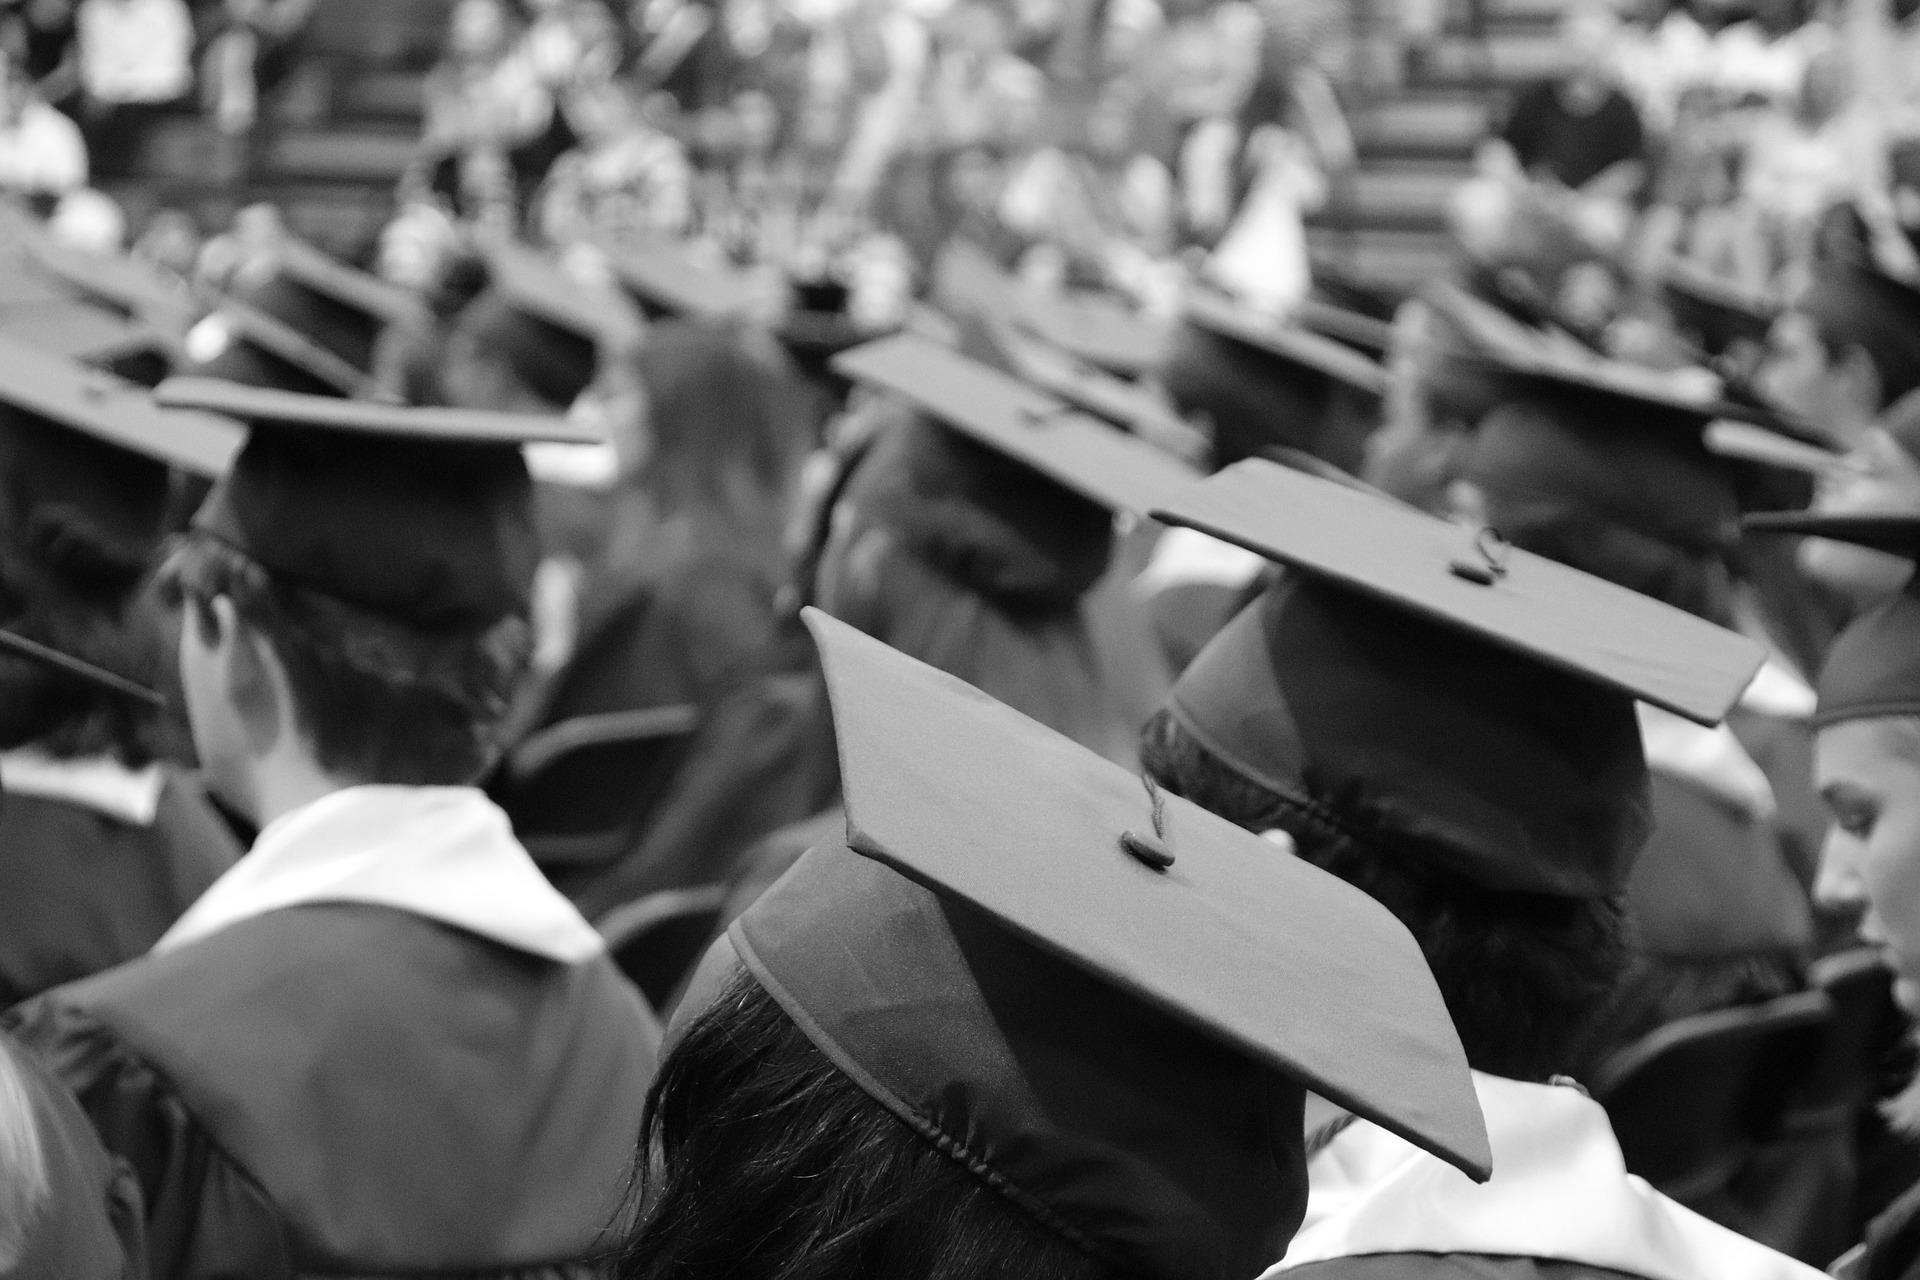 Top cele mai bune universităţi din lume în 2021